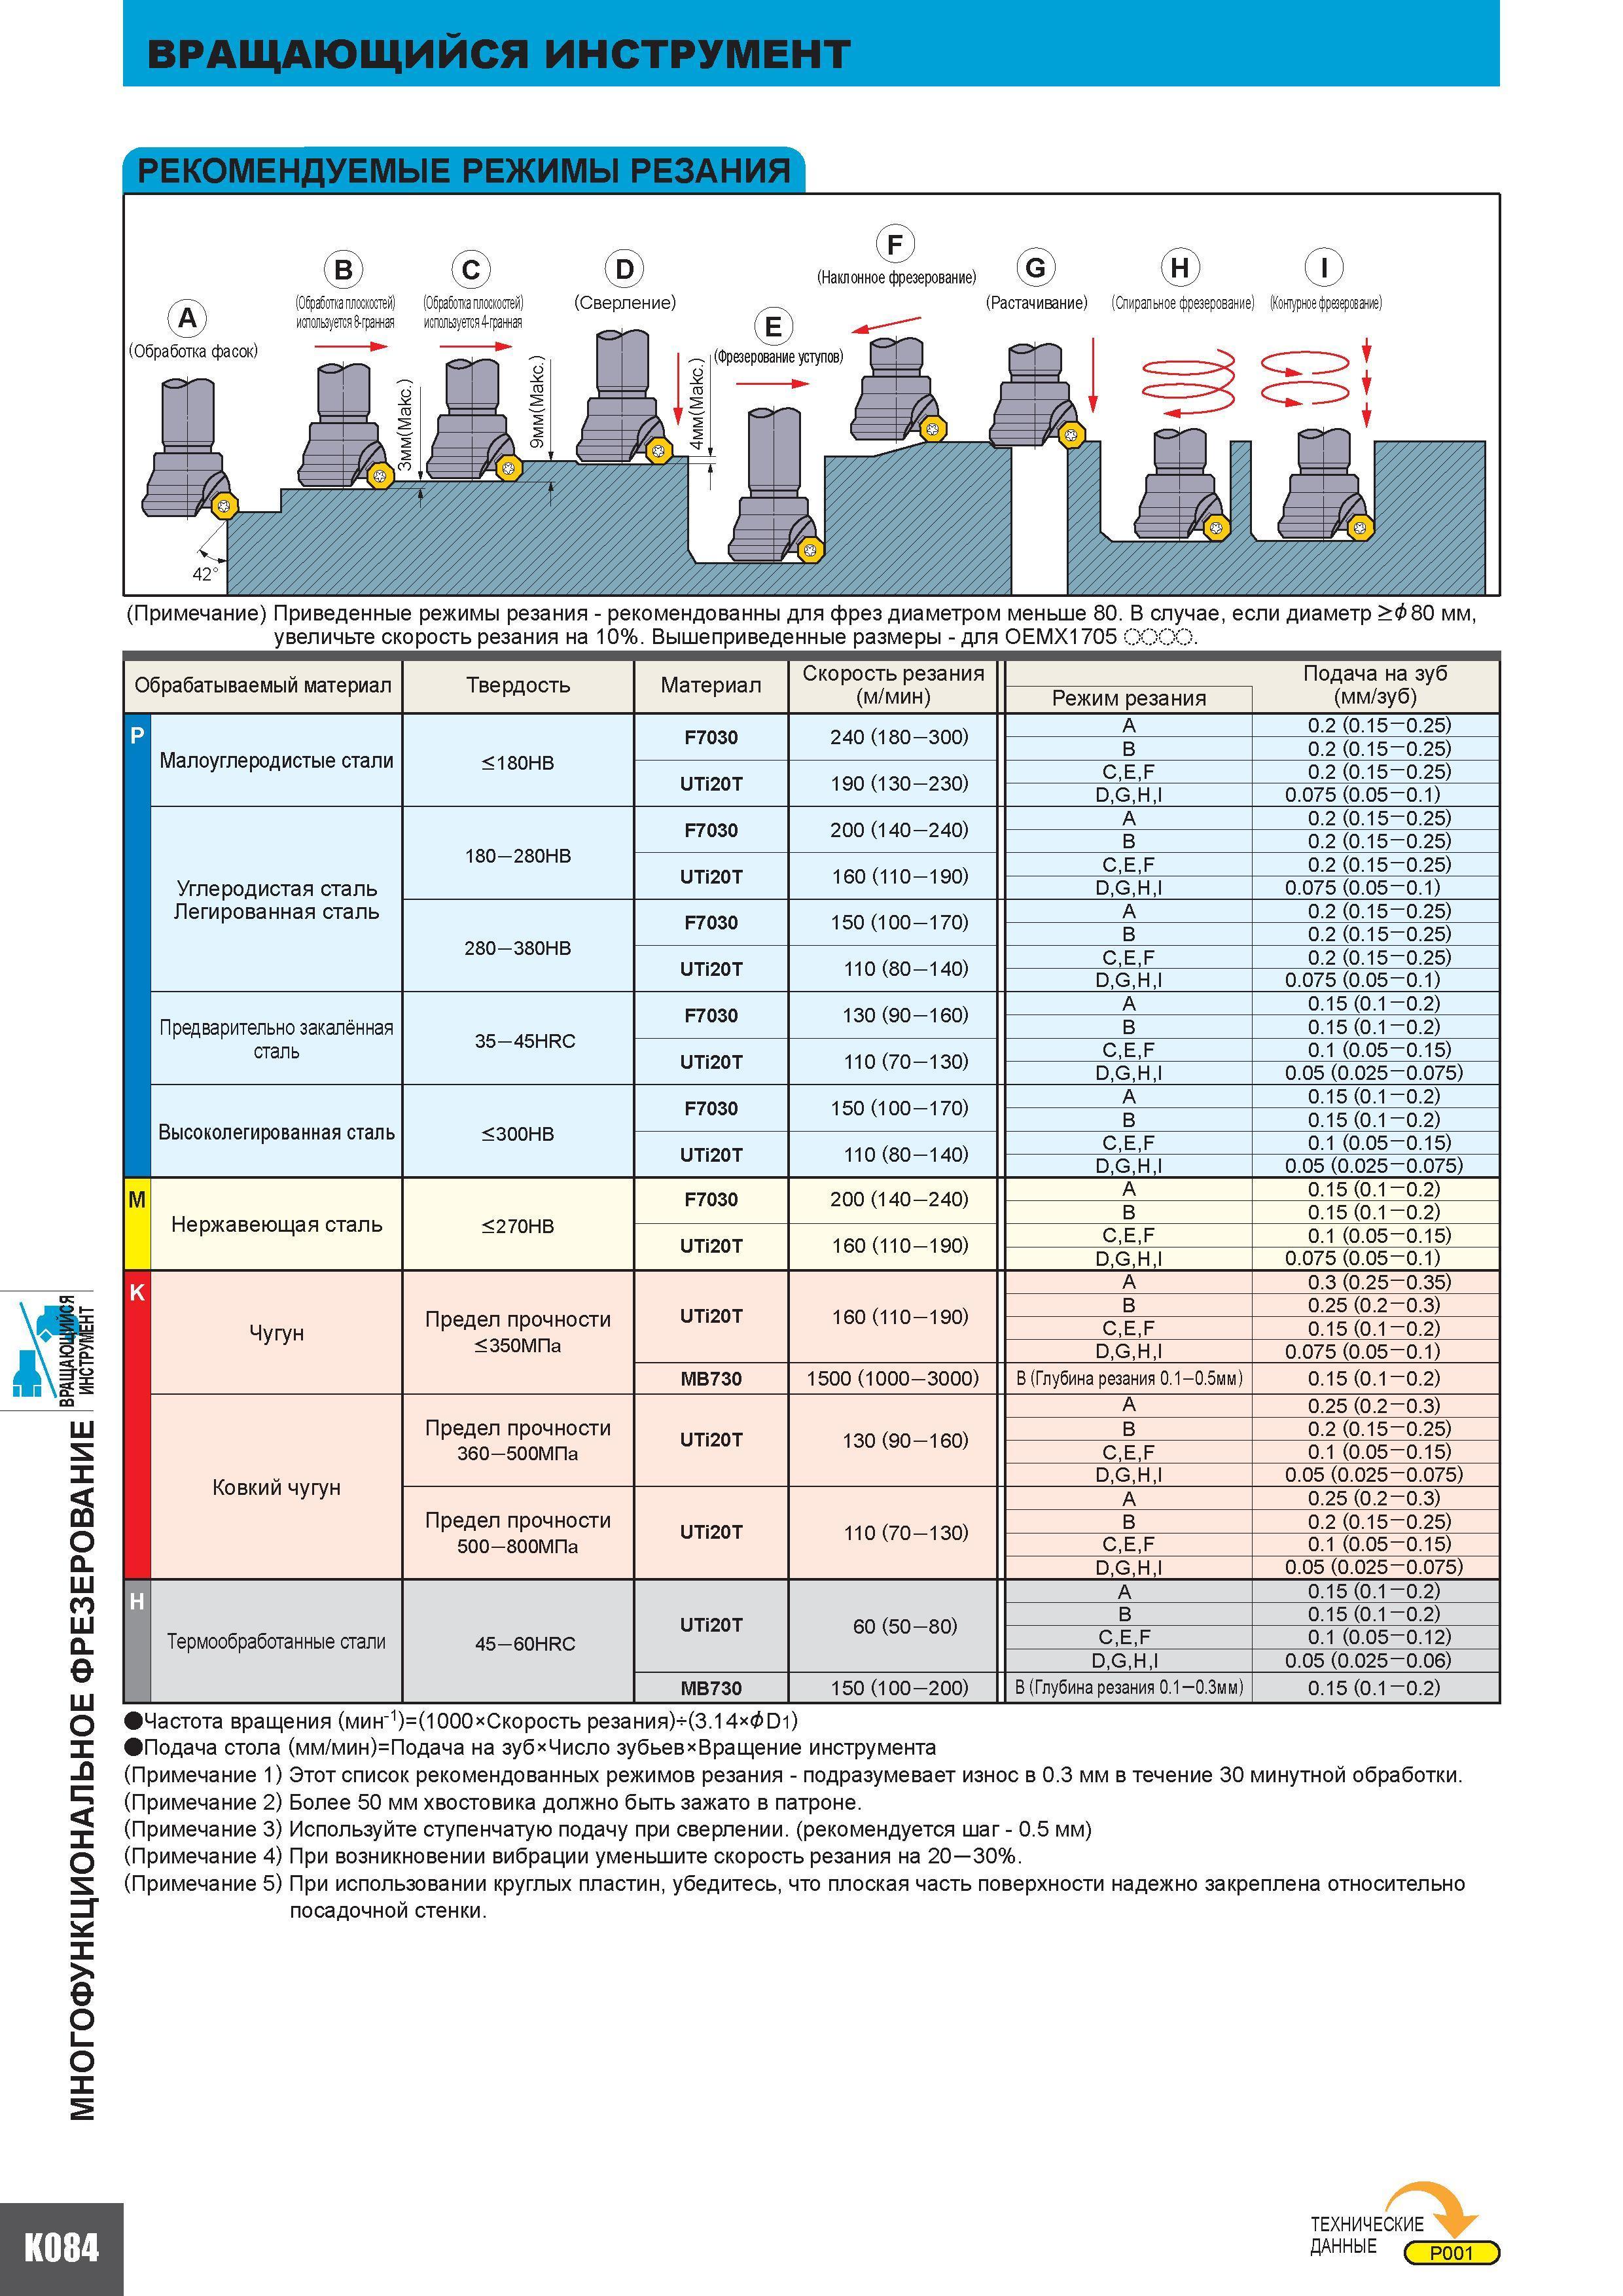 Режимы резания при фрезеровании на станках с чпу с таблицами